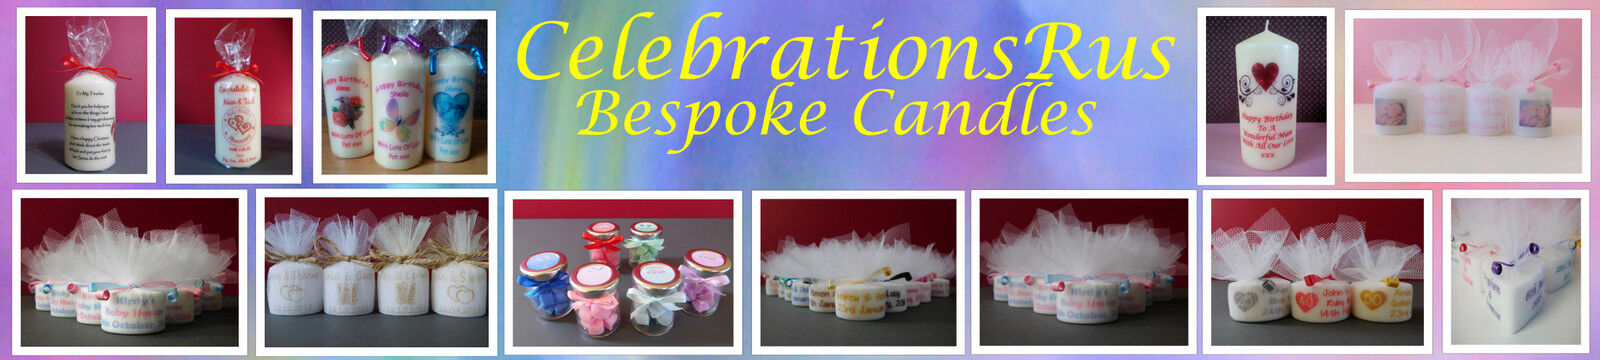 CelebrationsRus